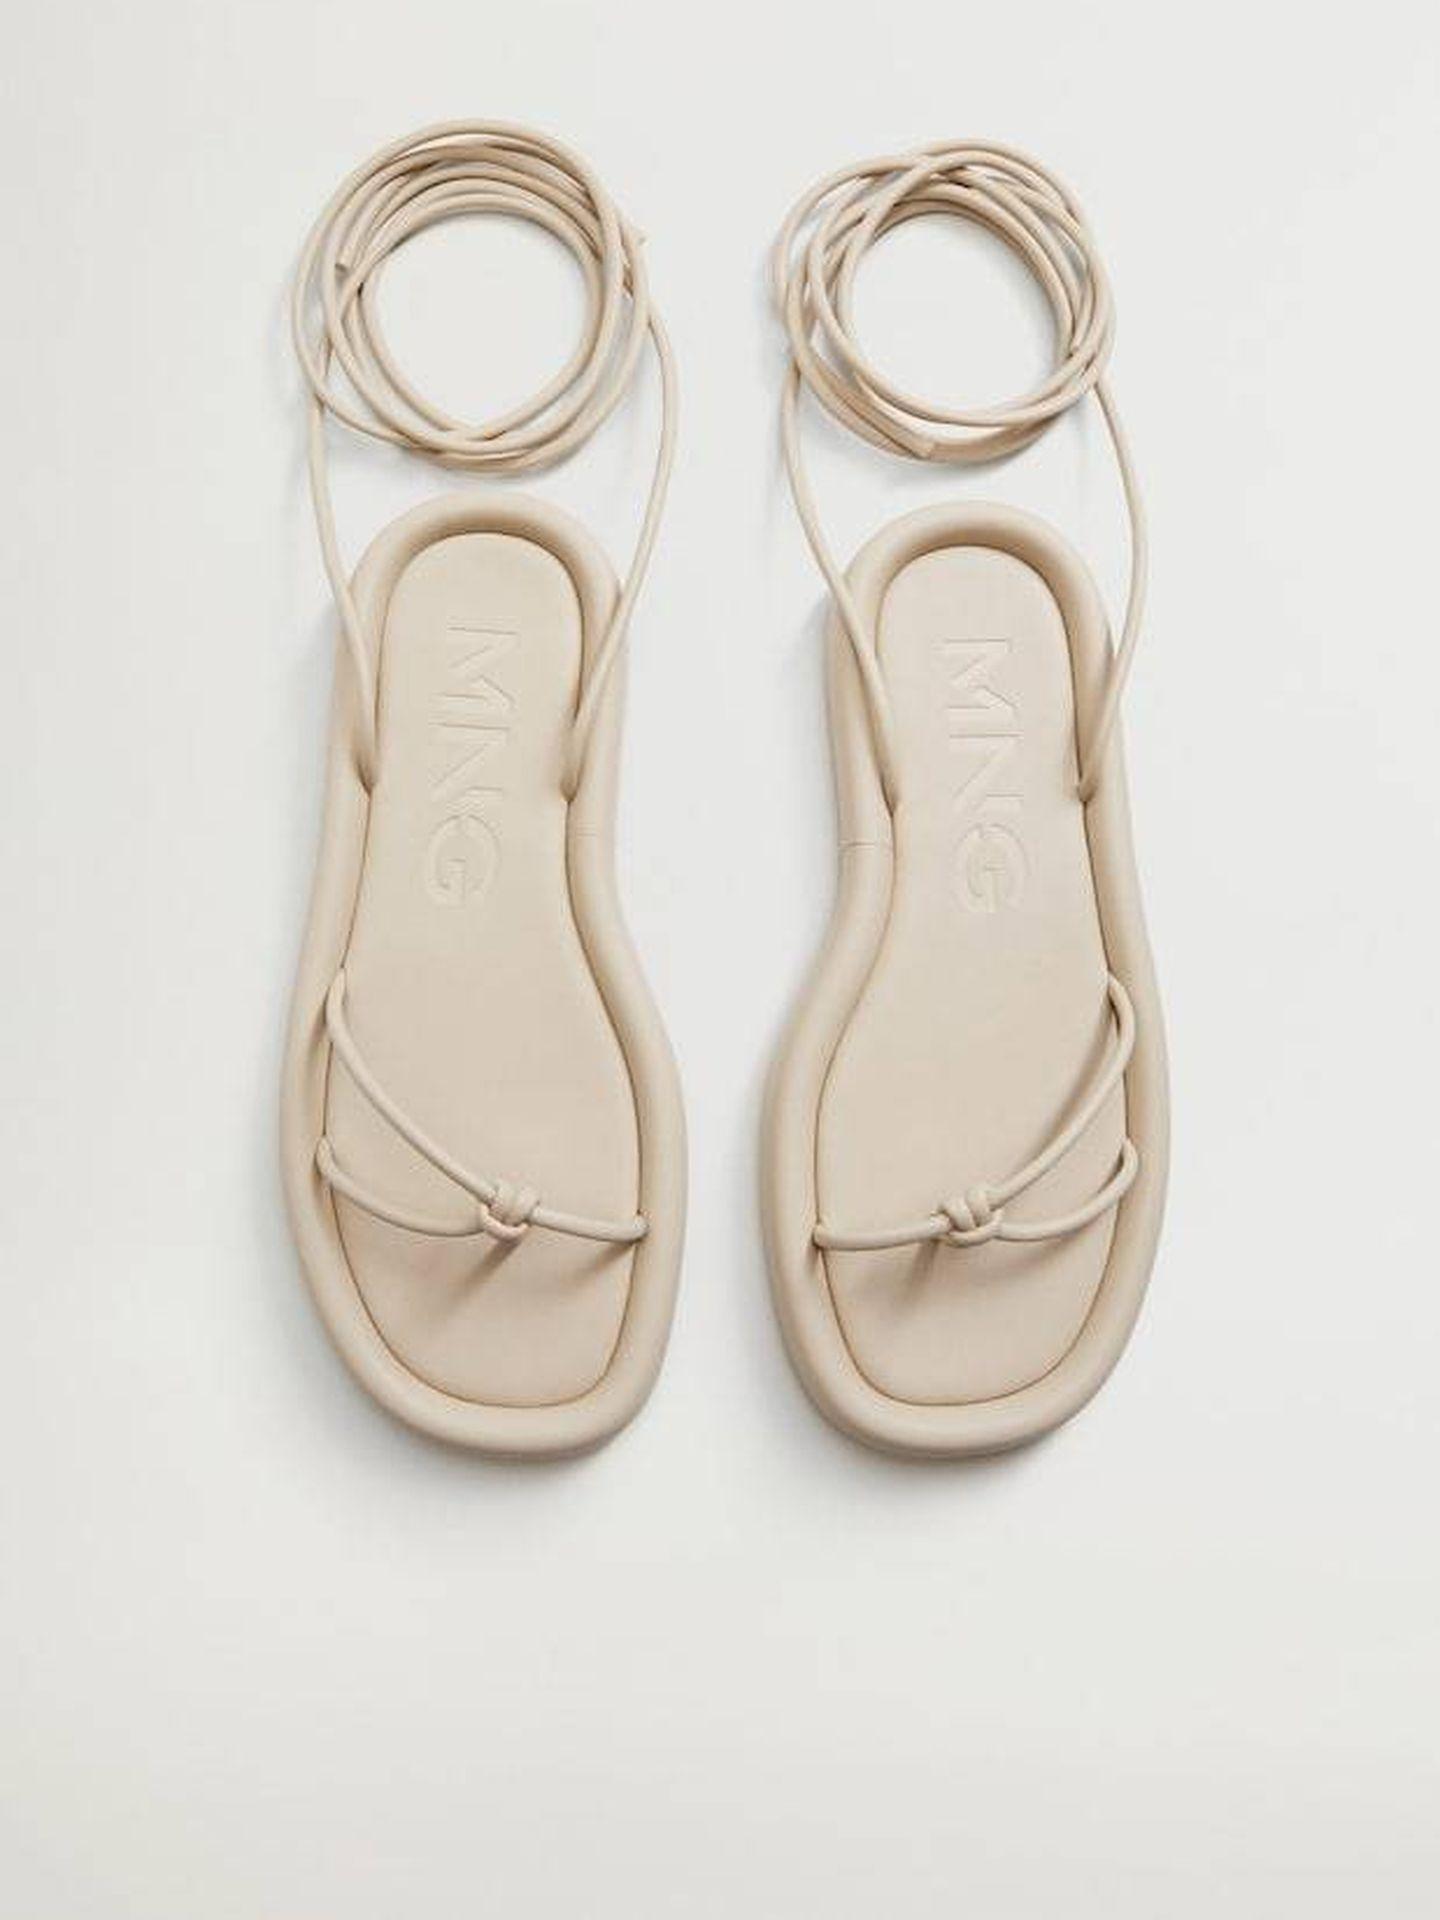 Sandalias de tiras de Mango. (Cortesía)